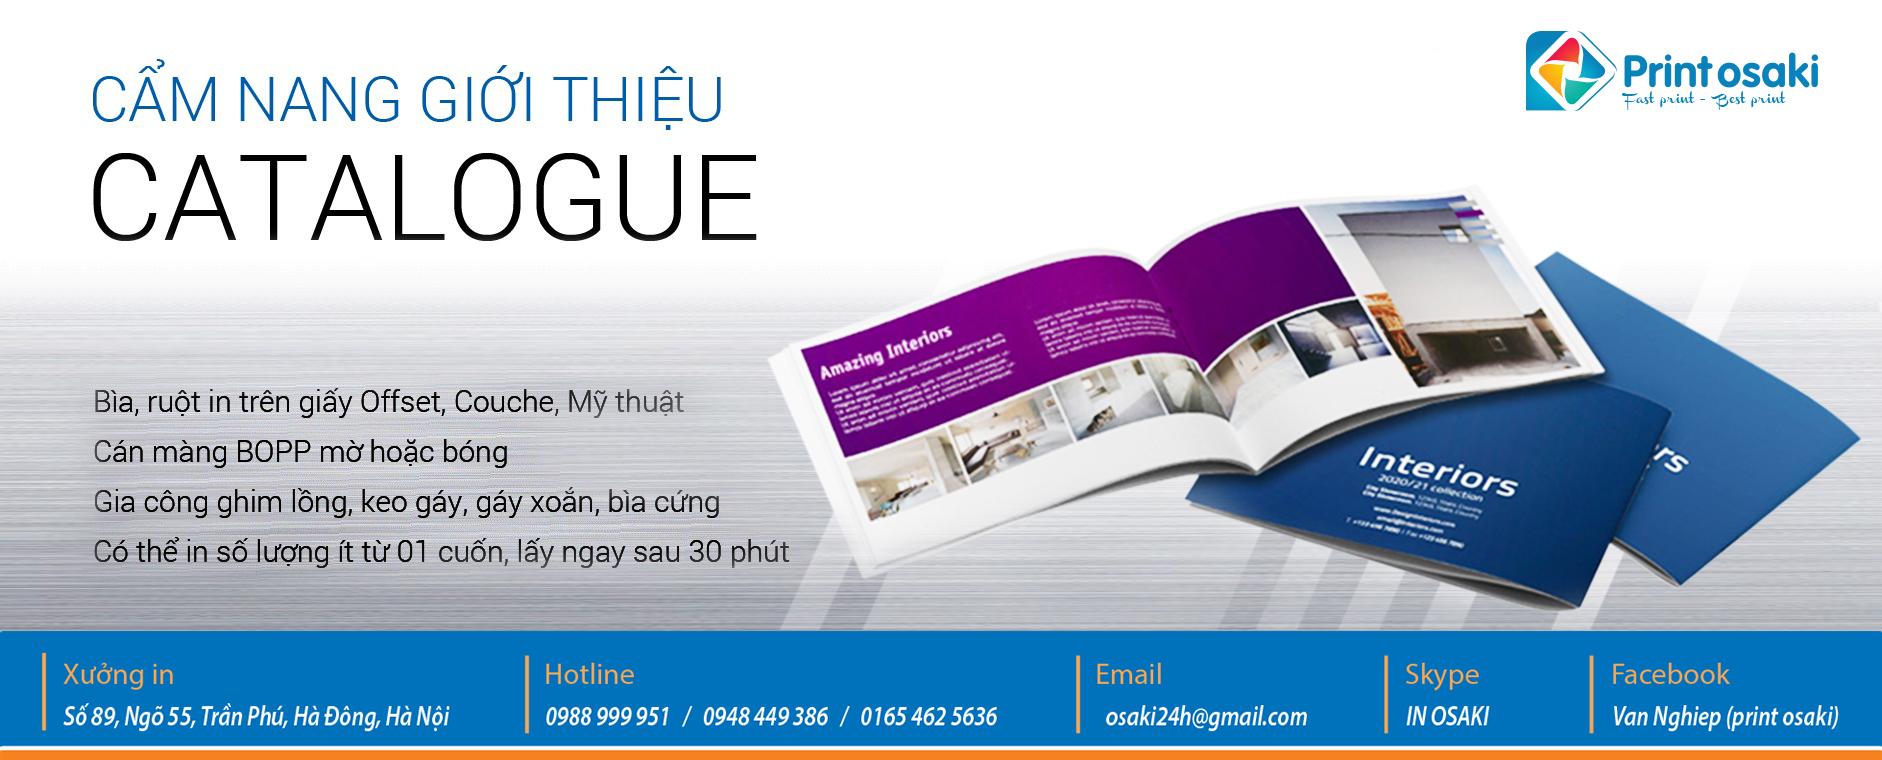 Catalogue - in catalogue giá rẻ lấy nhanh ở đâu hà đông